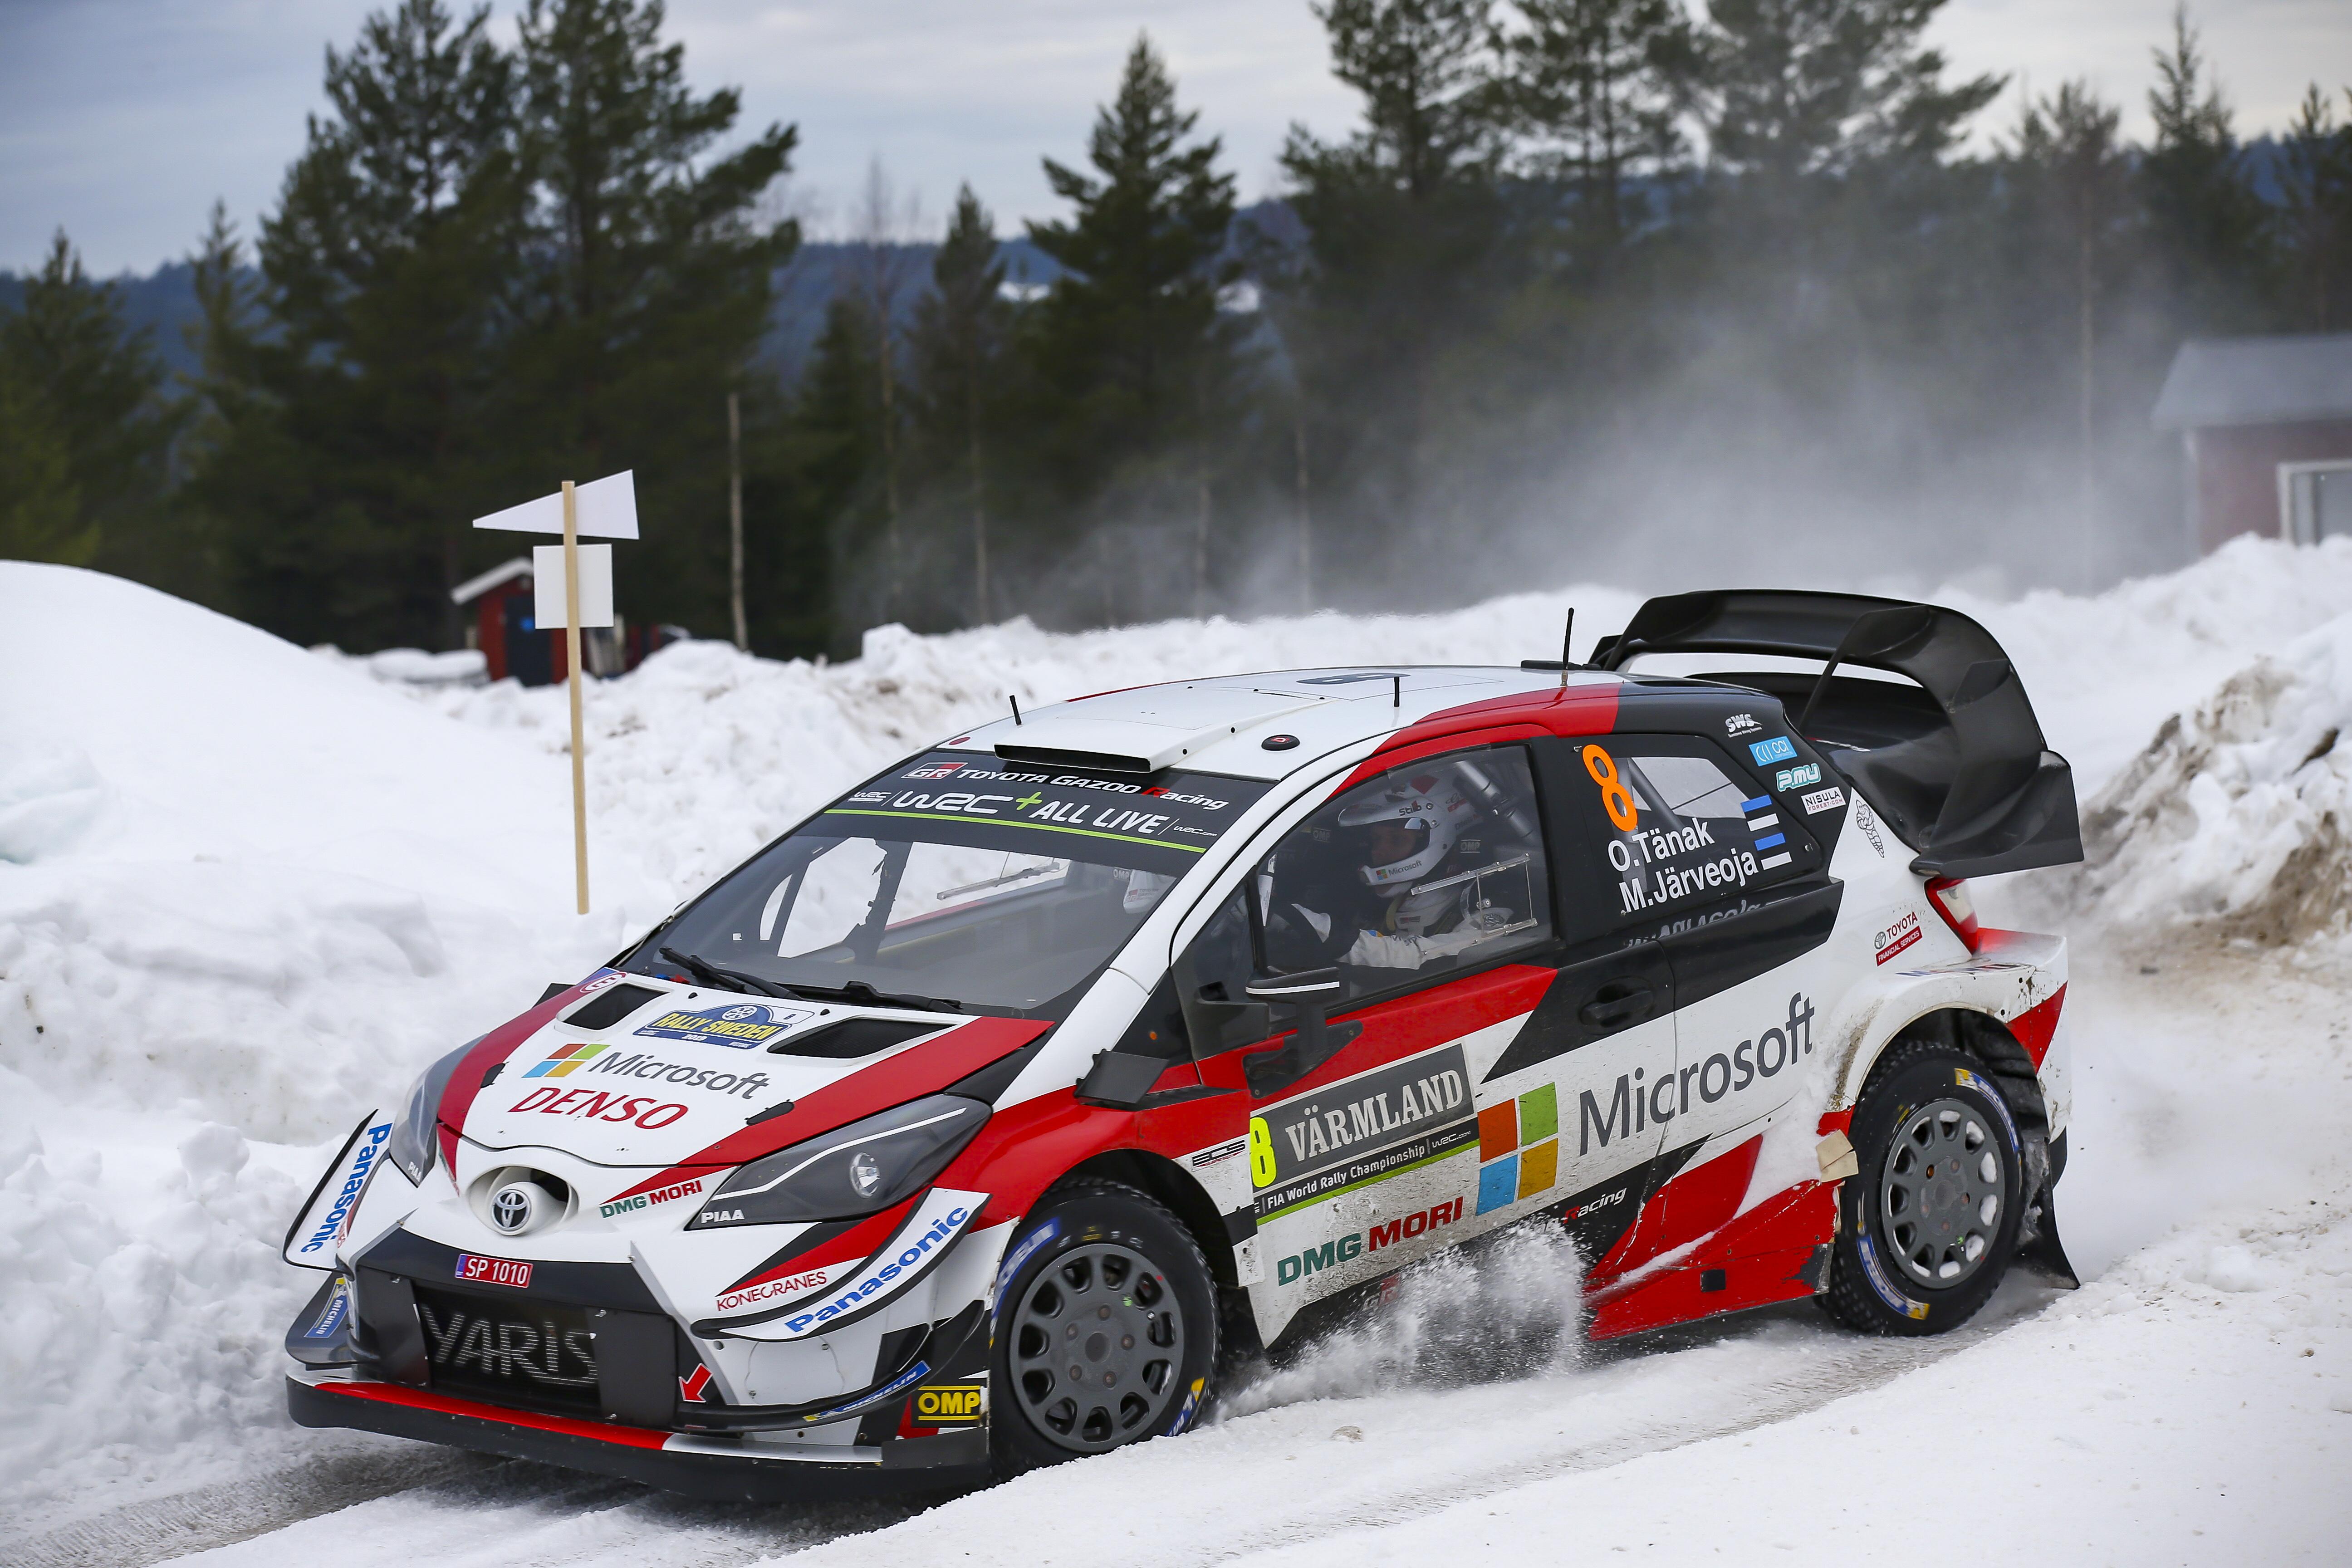 WRC - TÄNAK FÖLÉNYESEN HÚZTA BE A SVÉD RALIT, OGIER ELVÉRZETT